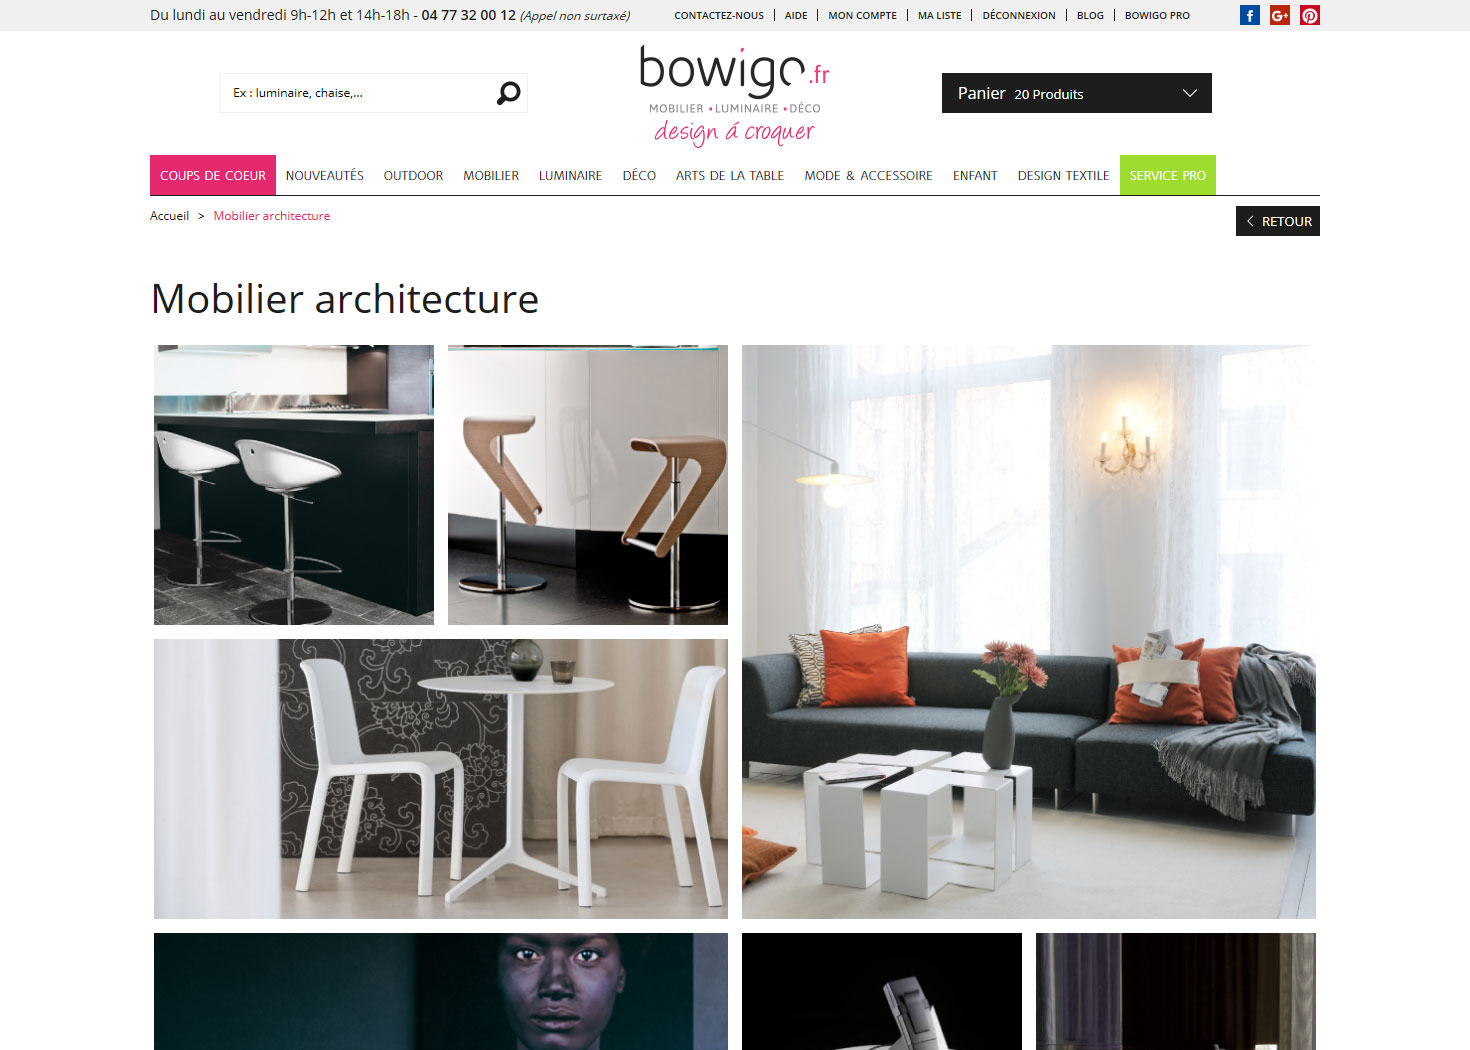 bowigo-page4